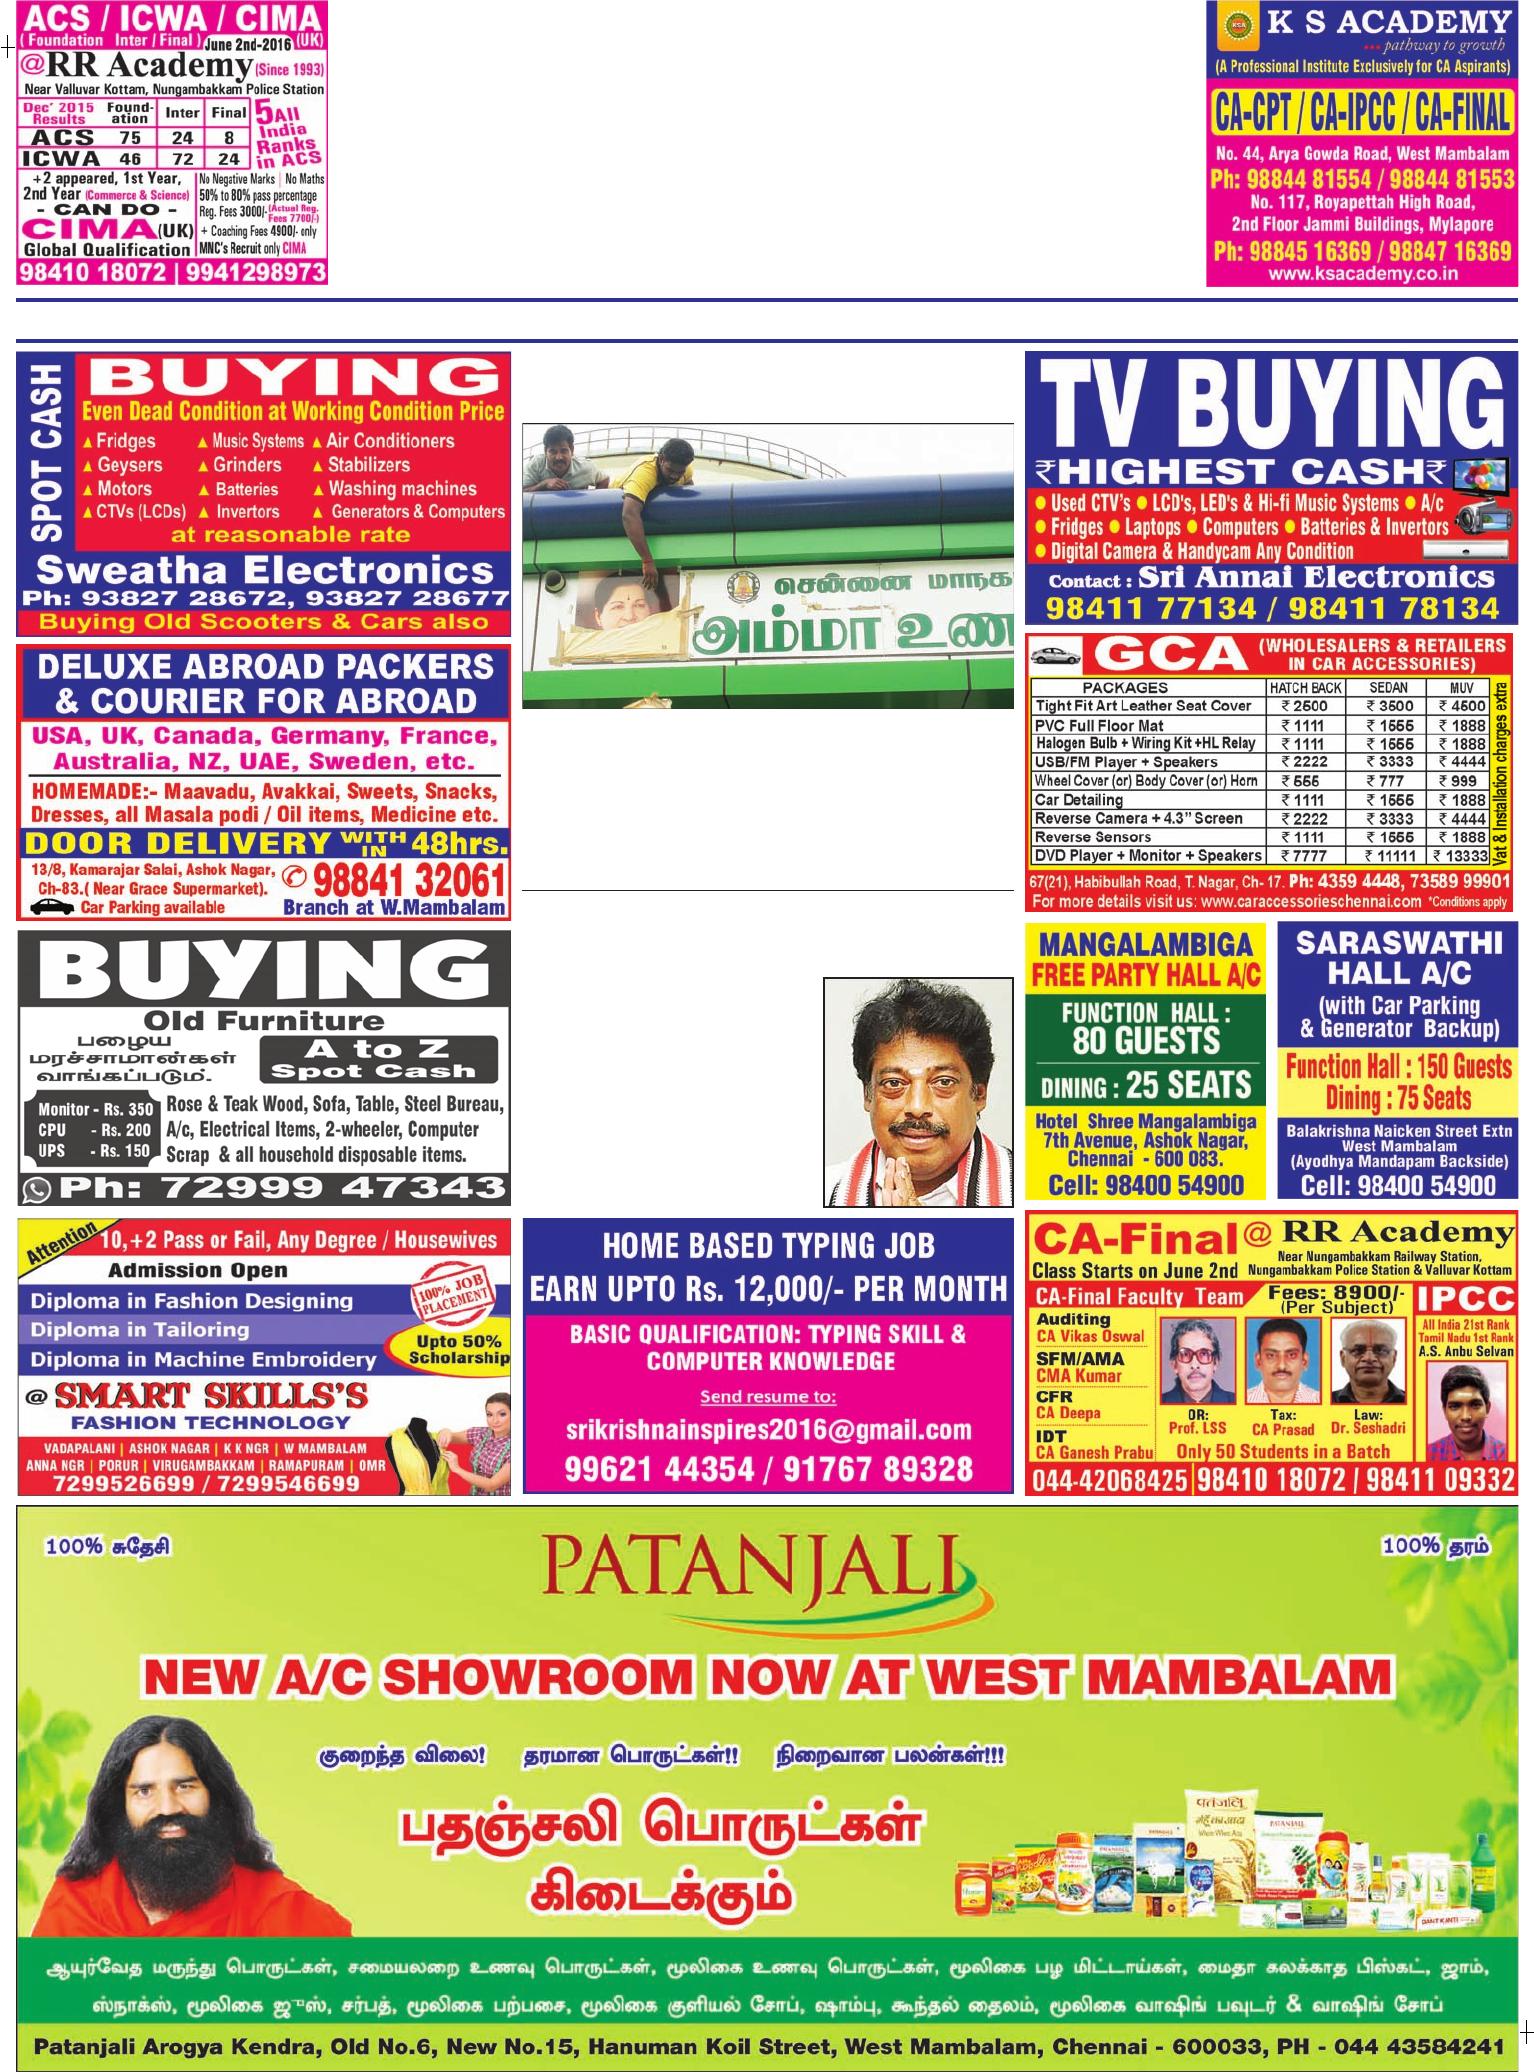 Mambalam Homam 12 30 P M Poornahuthi 1 P M Vasanthakokilam Sang Songs In Ragas Navarasa Kannada Asaveri Hindolam Karaharapriya Behag And A Three Voice